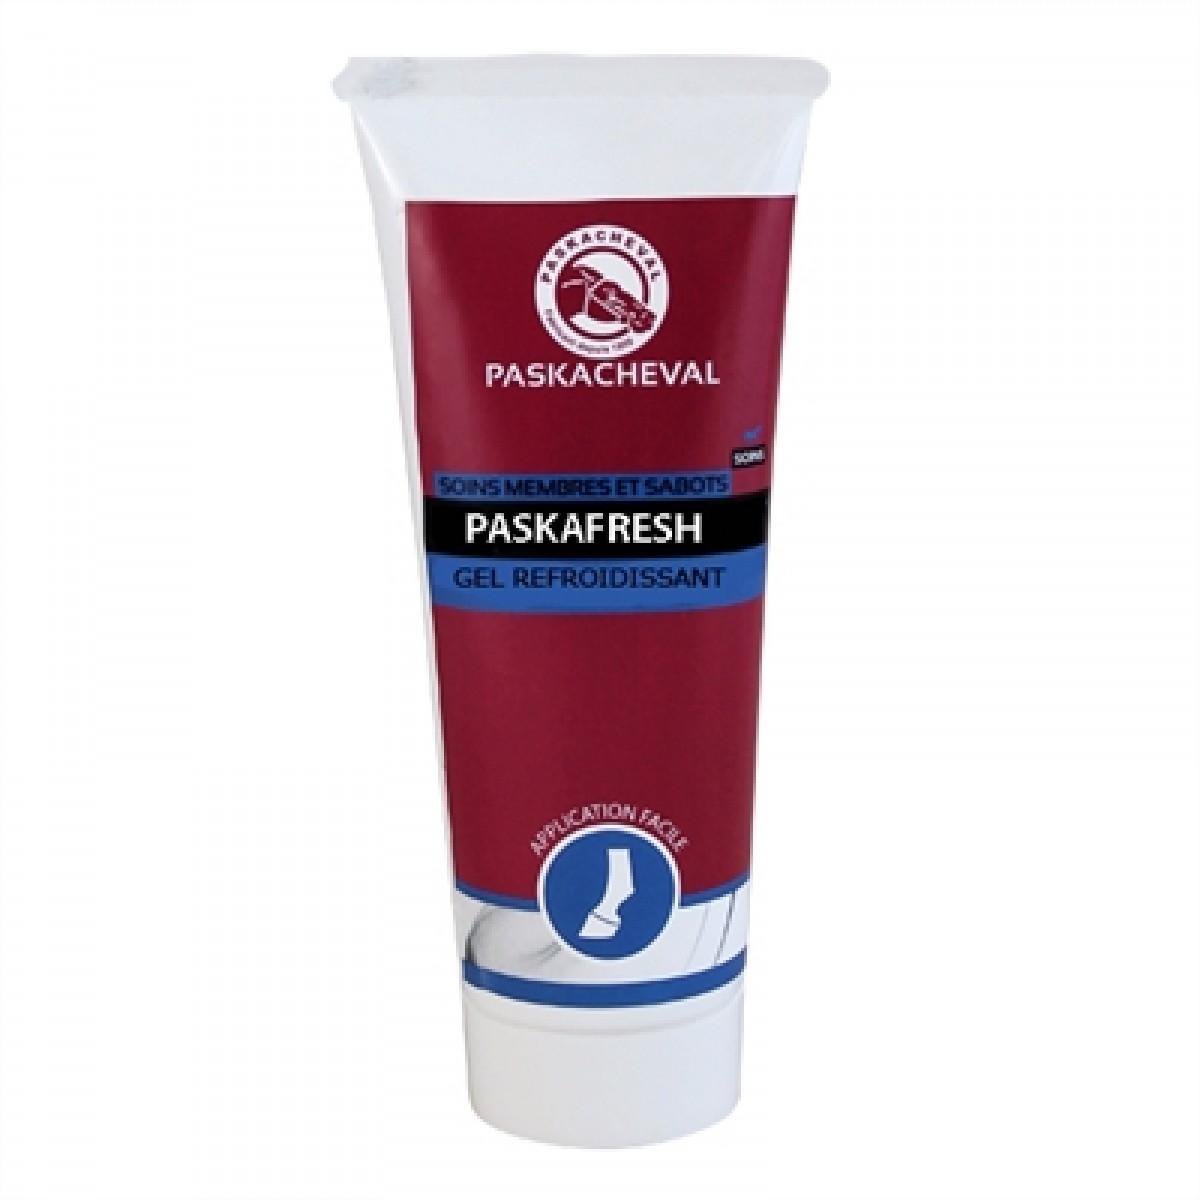 Paskafresh 200 ml